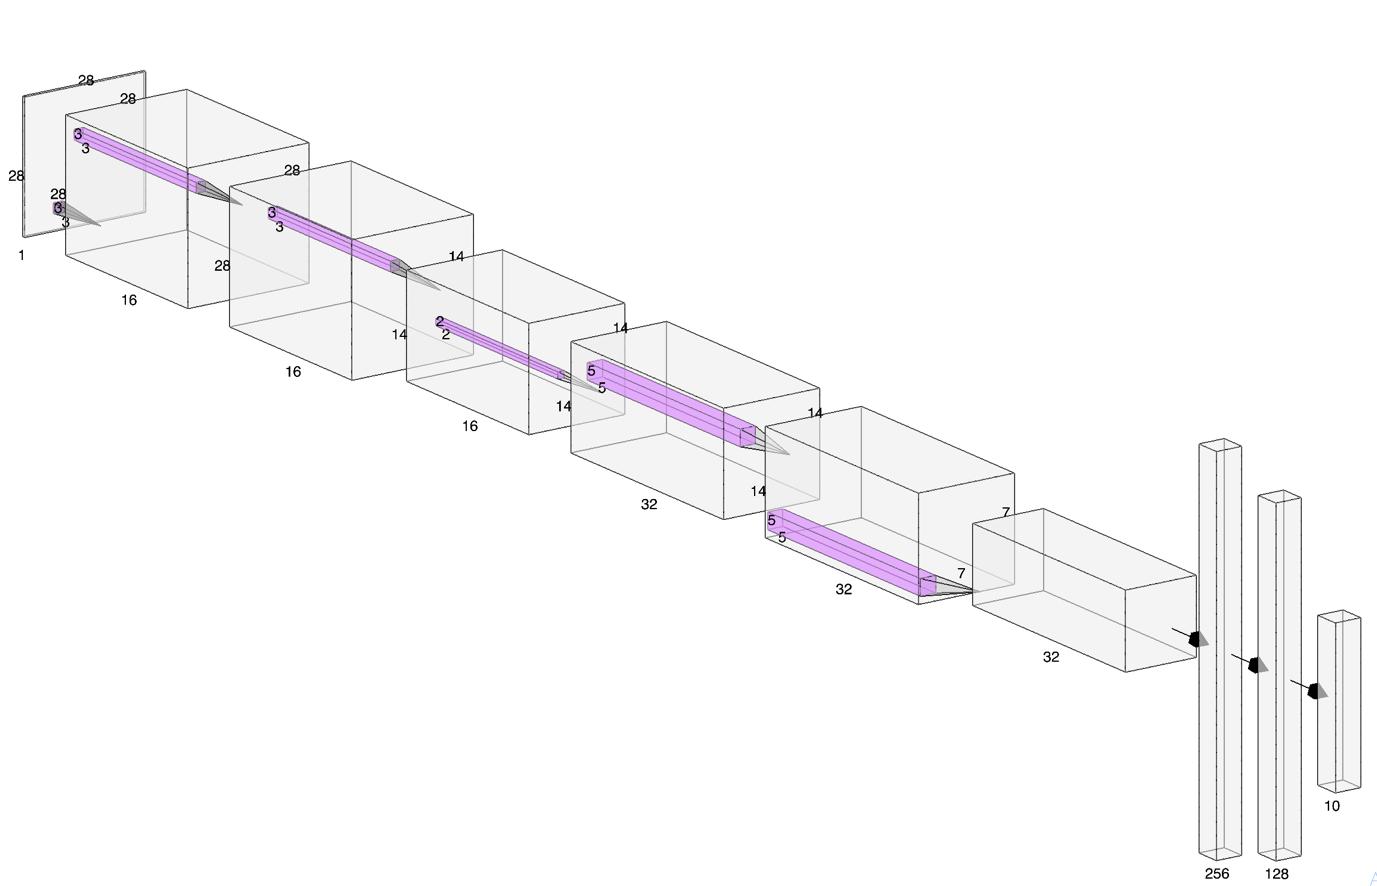 Figure 11. Architecture